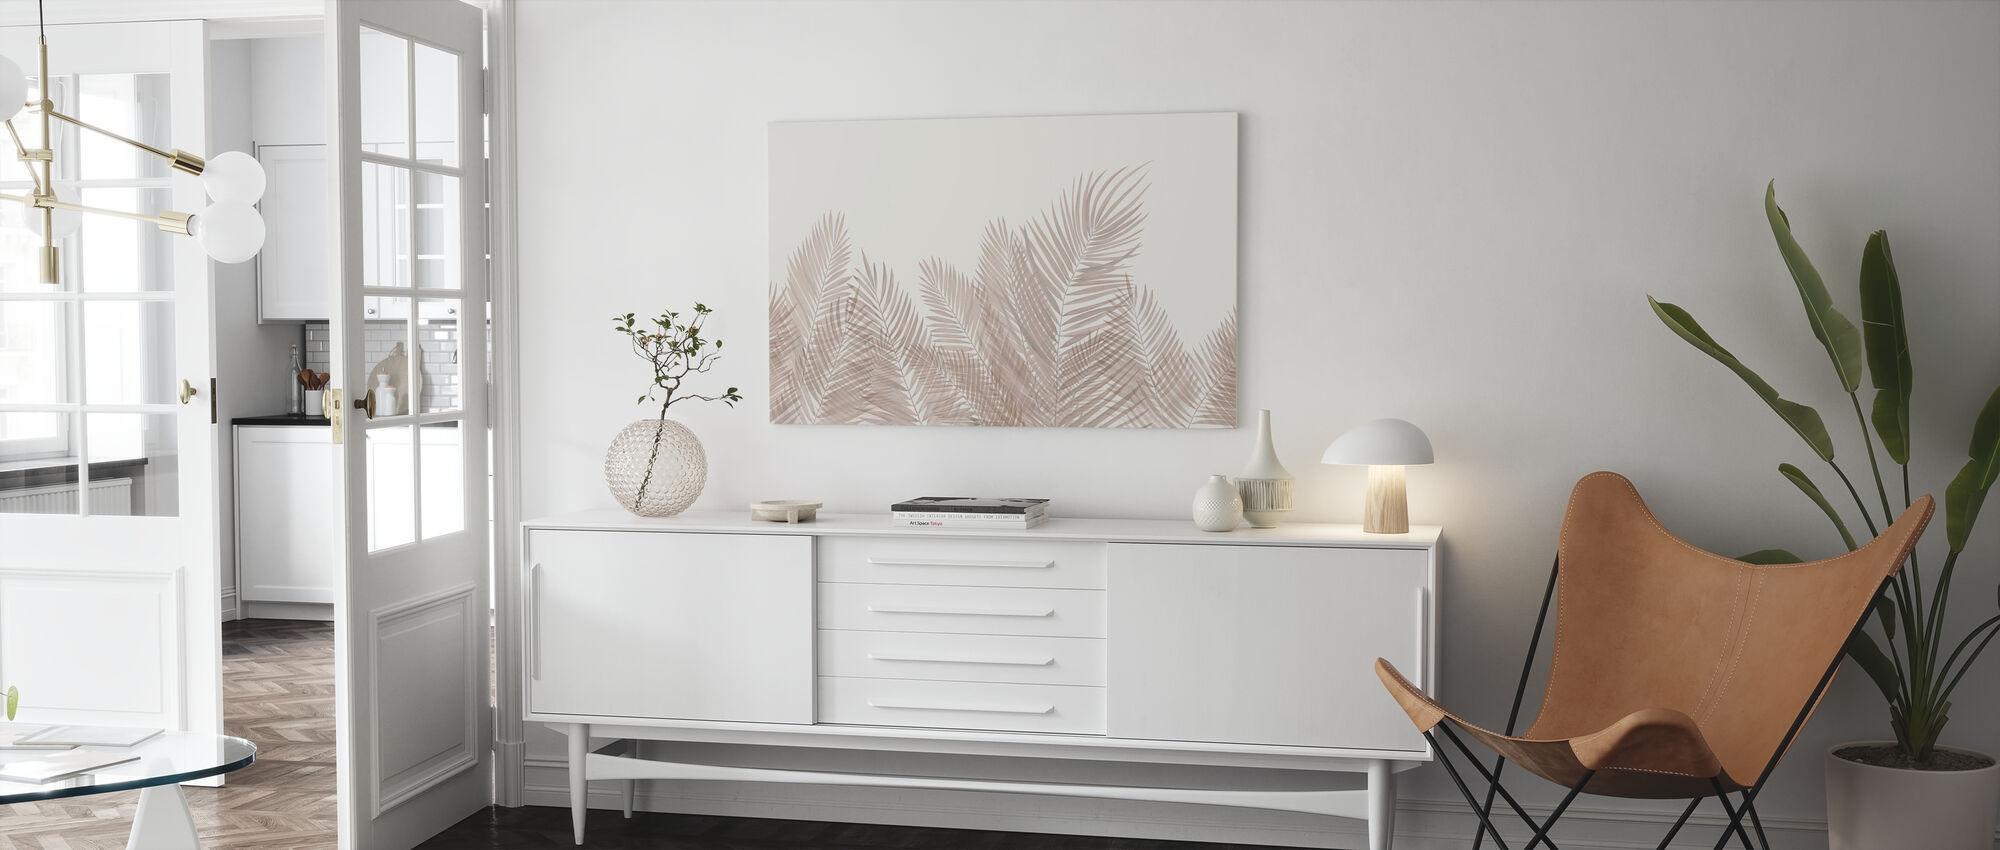 Schwankende Palmblätter - Sepia - Leinwandbild - Wohnzimmer